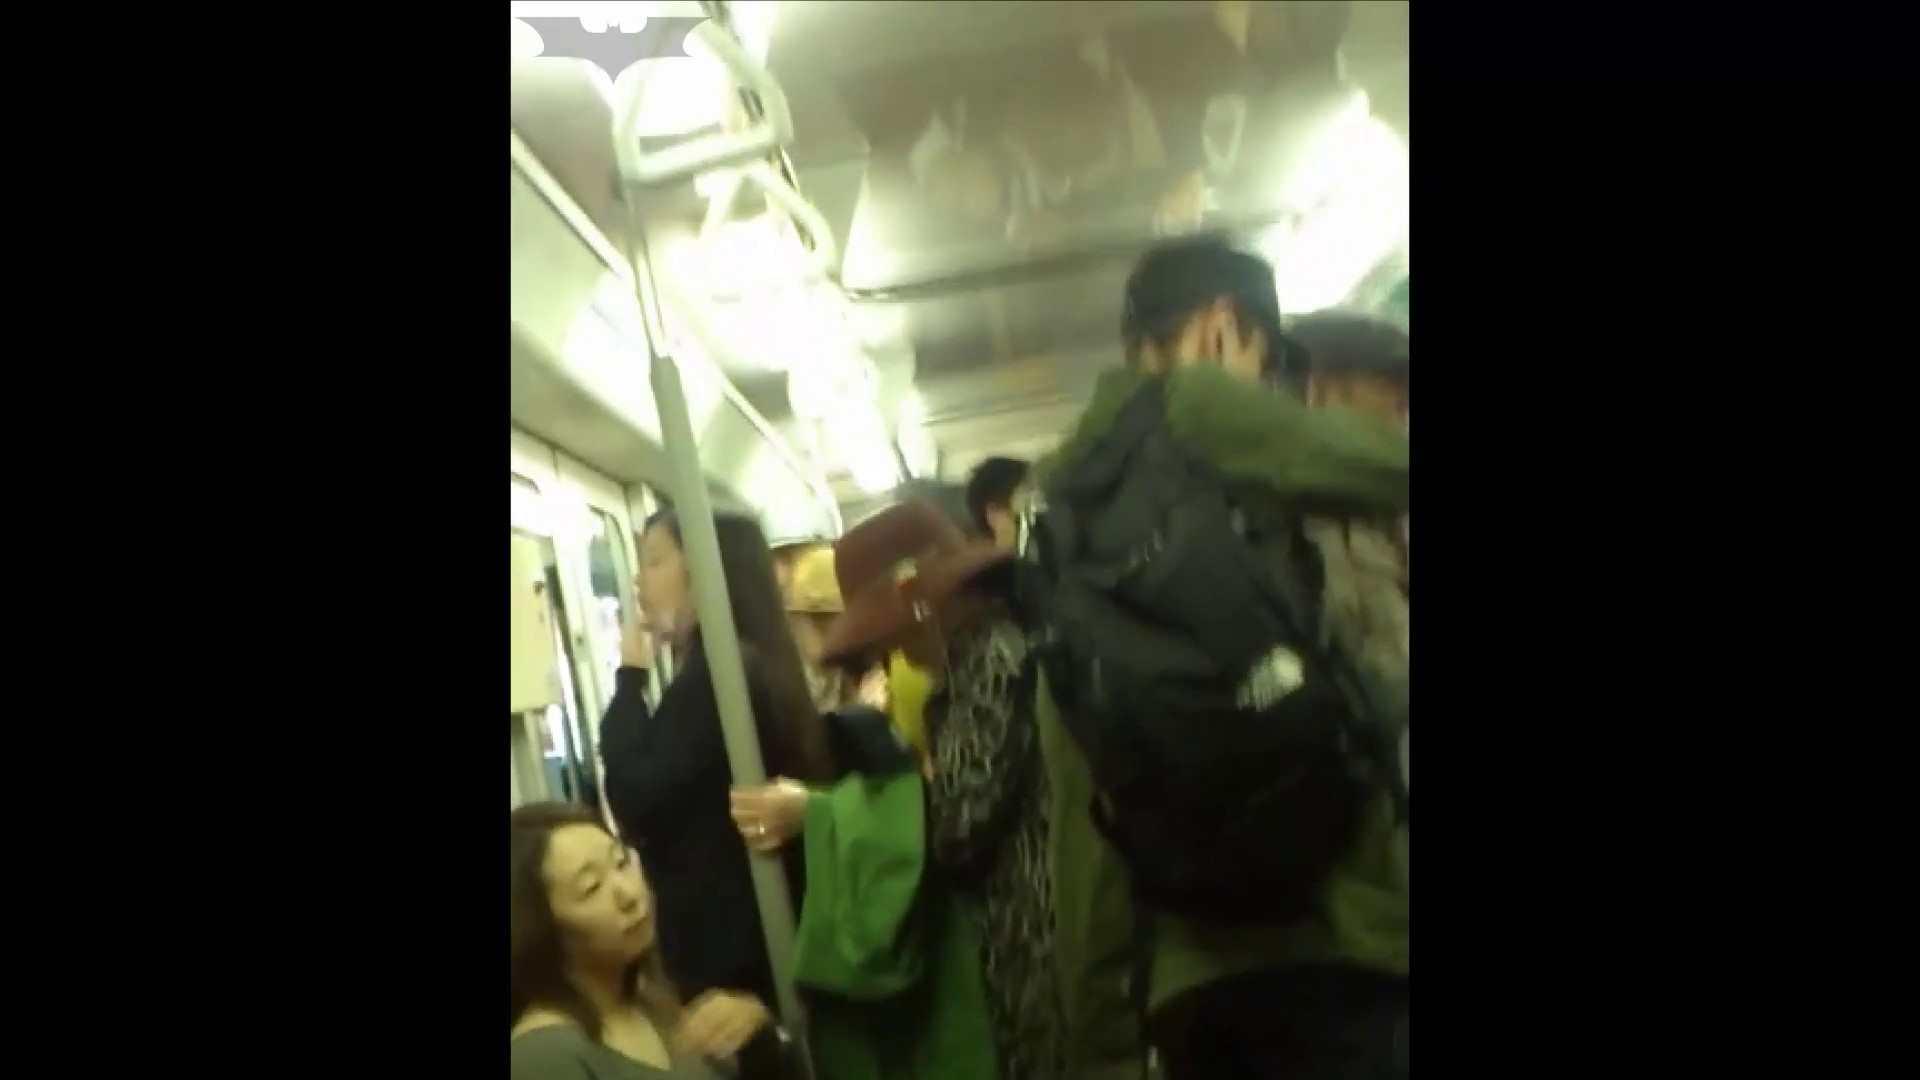 盗撮列車 Vol.14 お嬢様のバックプリントパンツ パンツ | 盗撮エロすぎ  99連発 10